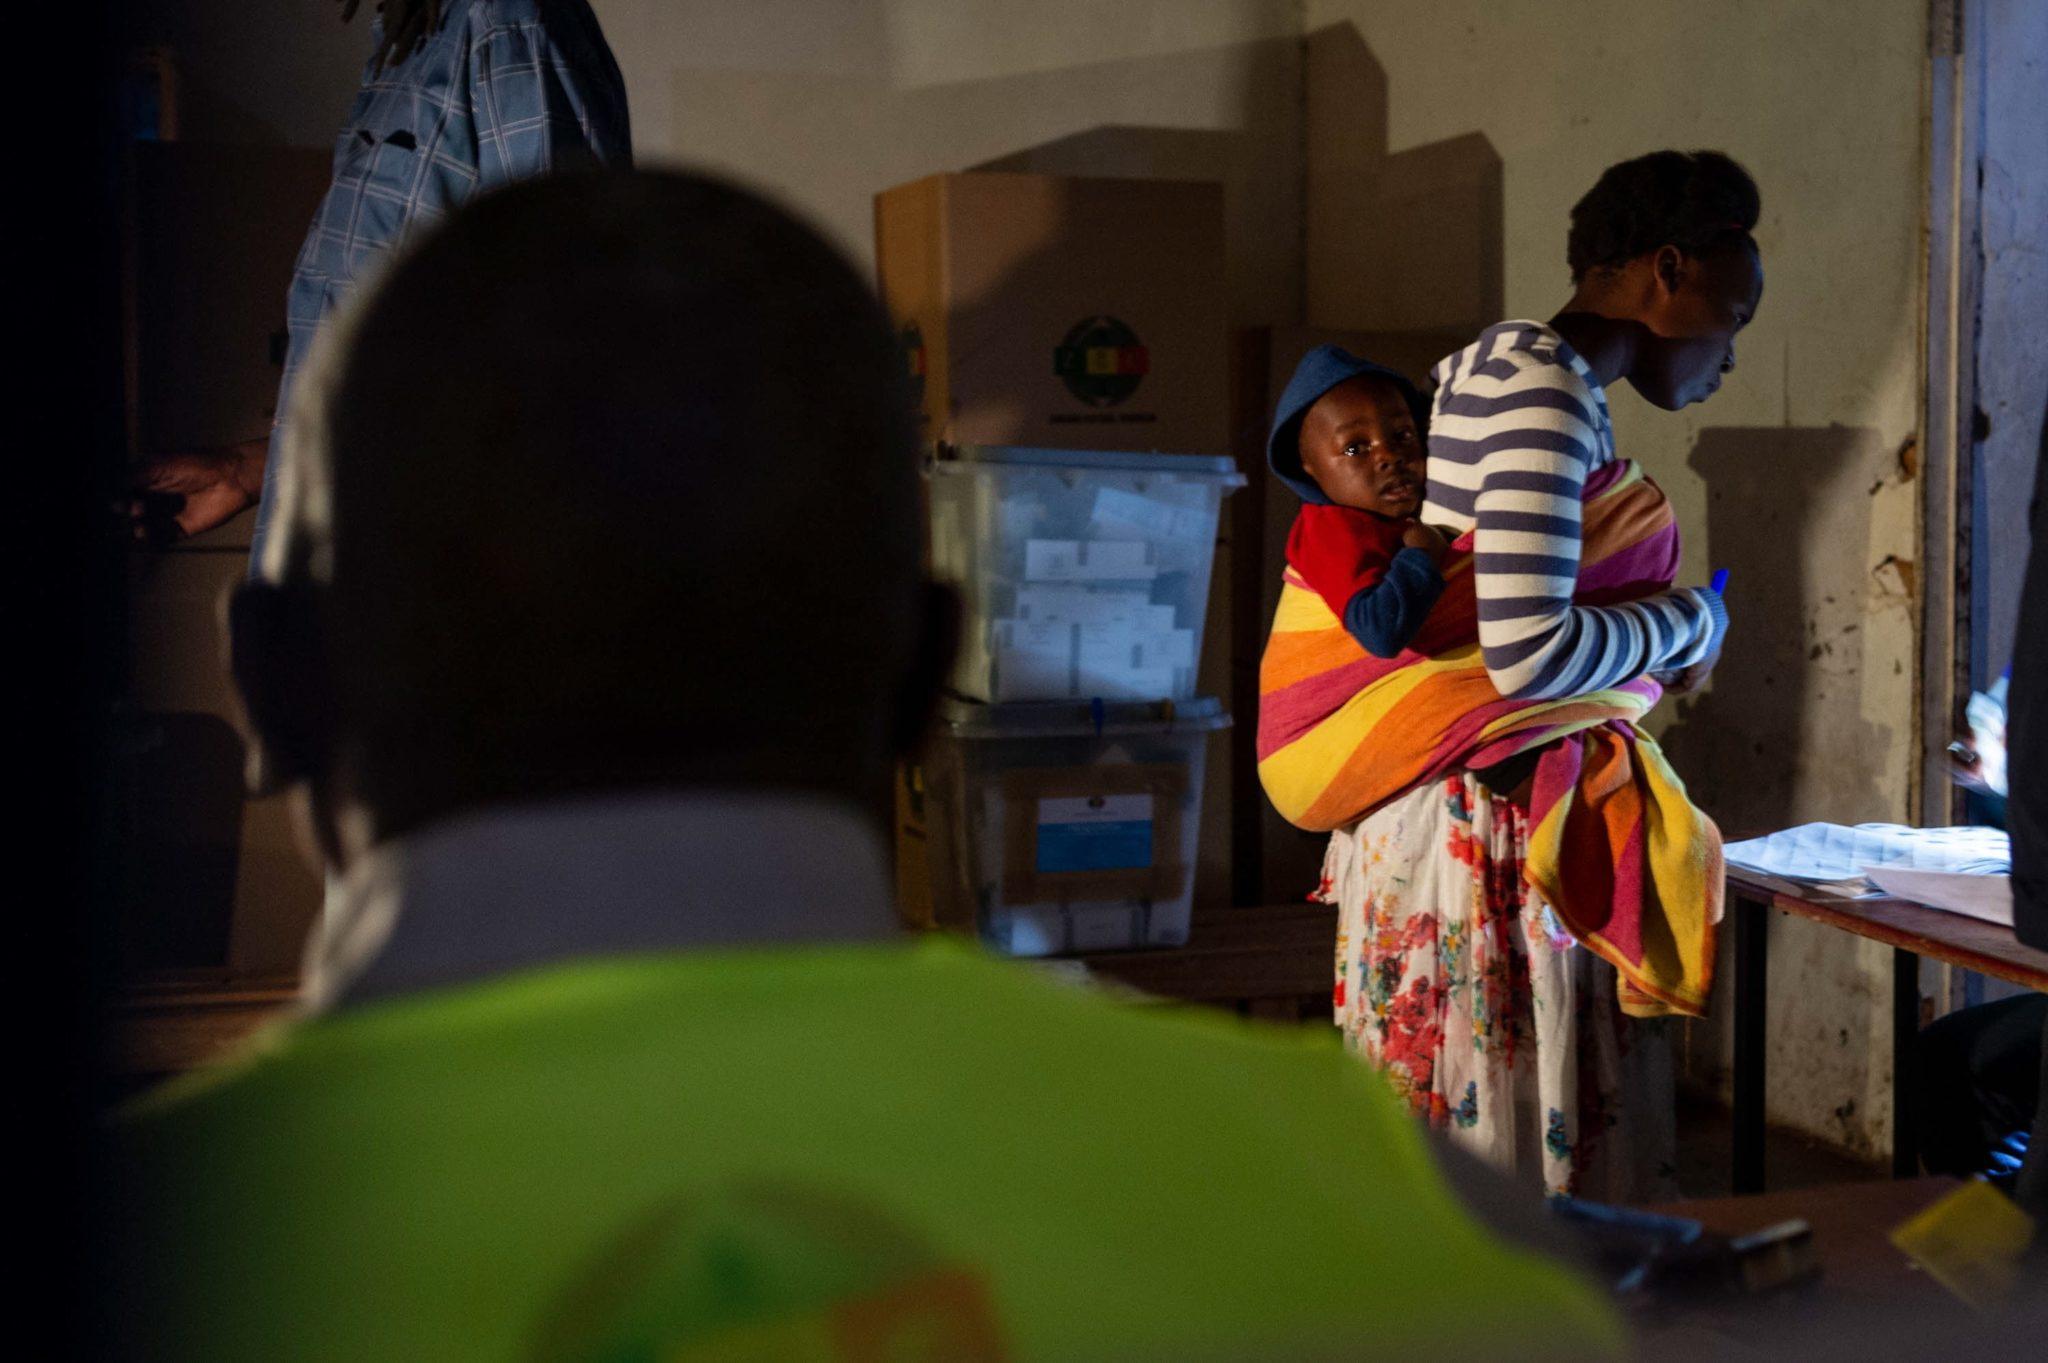 Kobieta przygotowuje się do głosowania z dzieckiem w lokalu wyborczym w dniu wyborów w wiosce Mungate, fot. Yeshiel Panchia, PAP, EPA // To pierwsze od 20 lat wybory w Zimbabwe, w których nie startowały dwie najsilniejsze osobowości krajowej polityki - Mugabe i zmarły w lutym przywódca opozycji Morgan Tsvangirai. Jeśli żaden z kandydatów nie uzyska ponad połowy głosów, druga tura wyborów prezydenckich odbędzie się 8 września.  Oczekuje się jednak, że w pierwszej rundzie zwycięży obecny prezydent Mnangagwa, który w startował z pozycji faworyta jako kandydat rządzącego Afrykańskiego Narodowego Związku Zimbabwe.